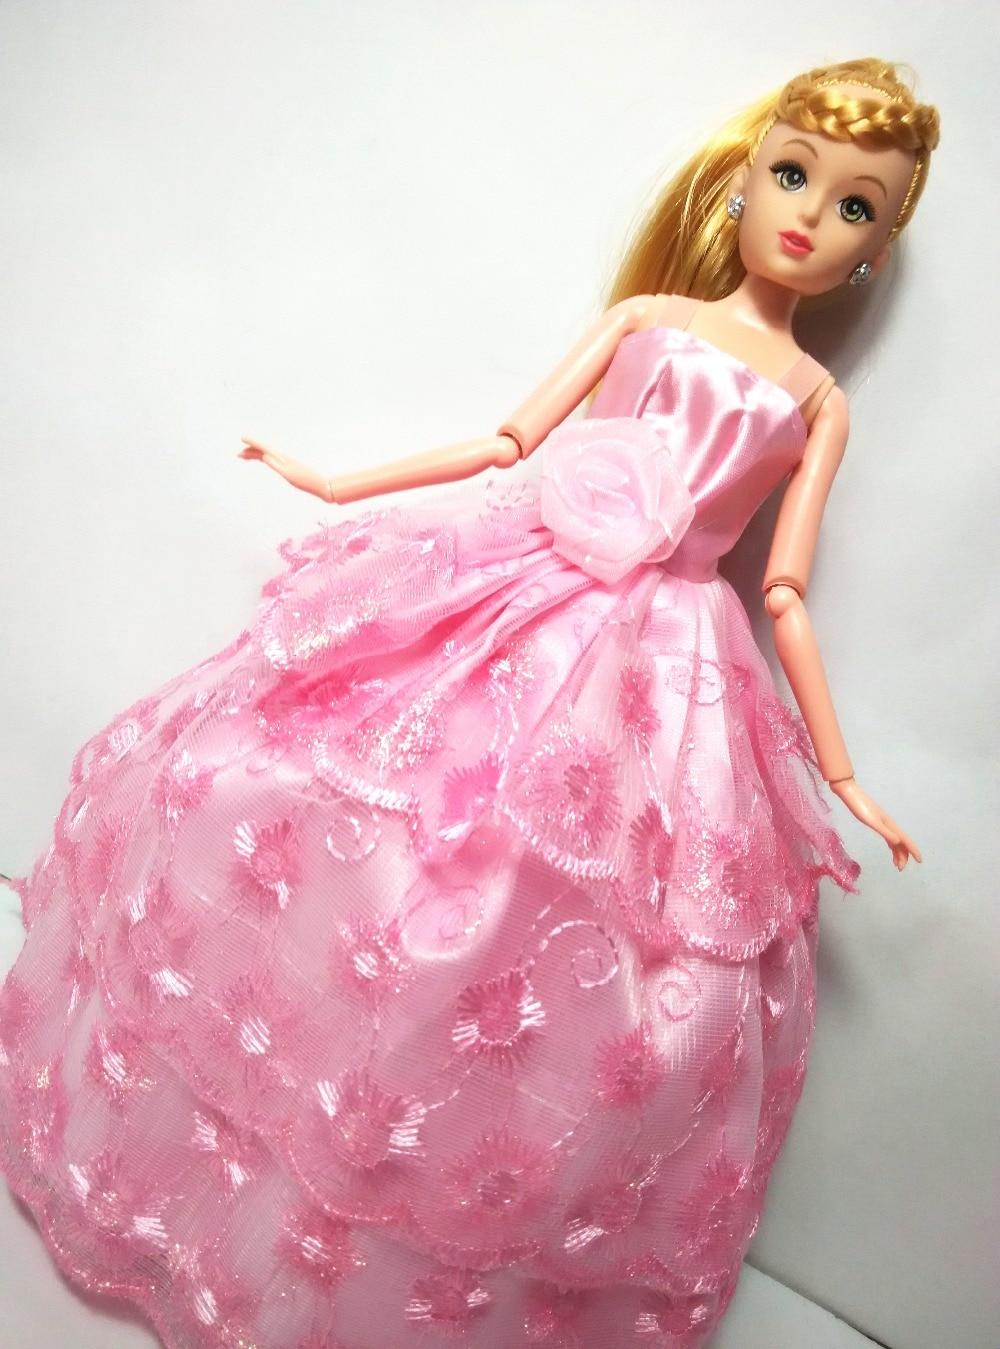 Vistoso La Princesa Grace Kelly Vestido De Novia Motivo - Ideas de ...